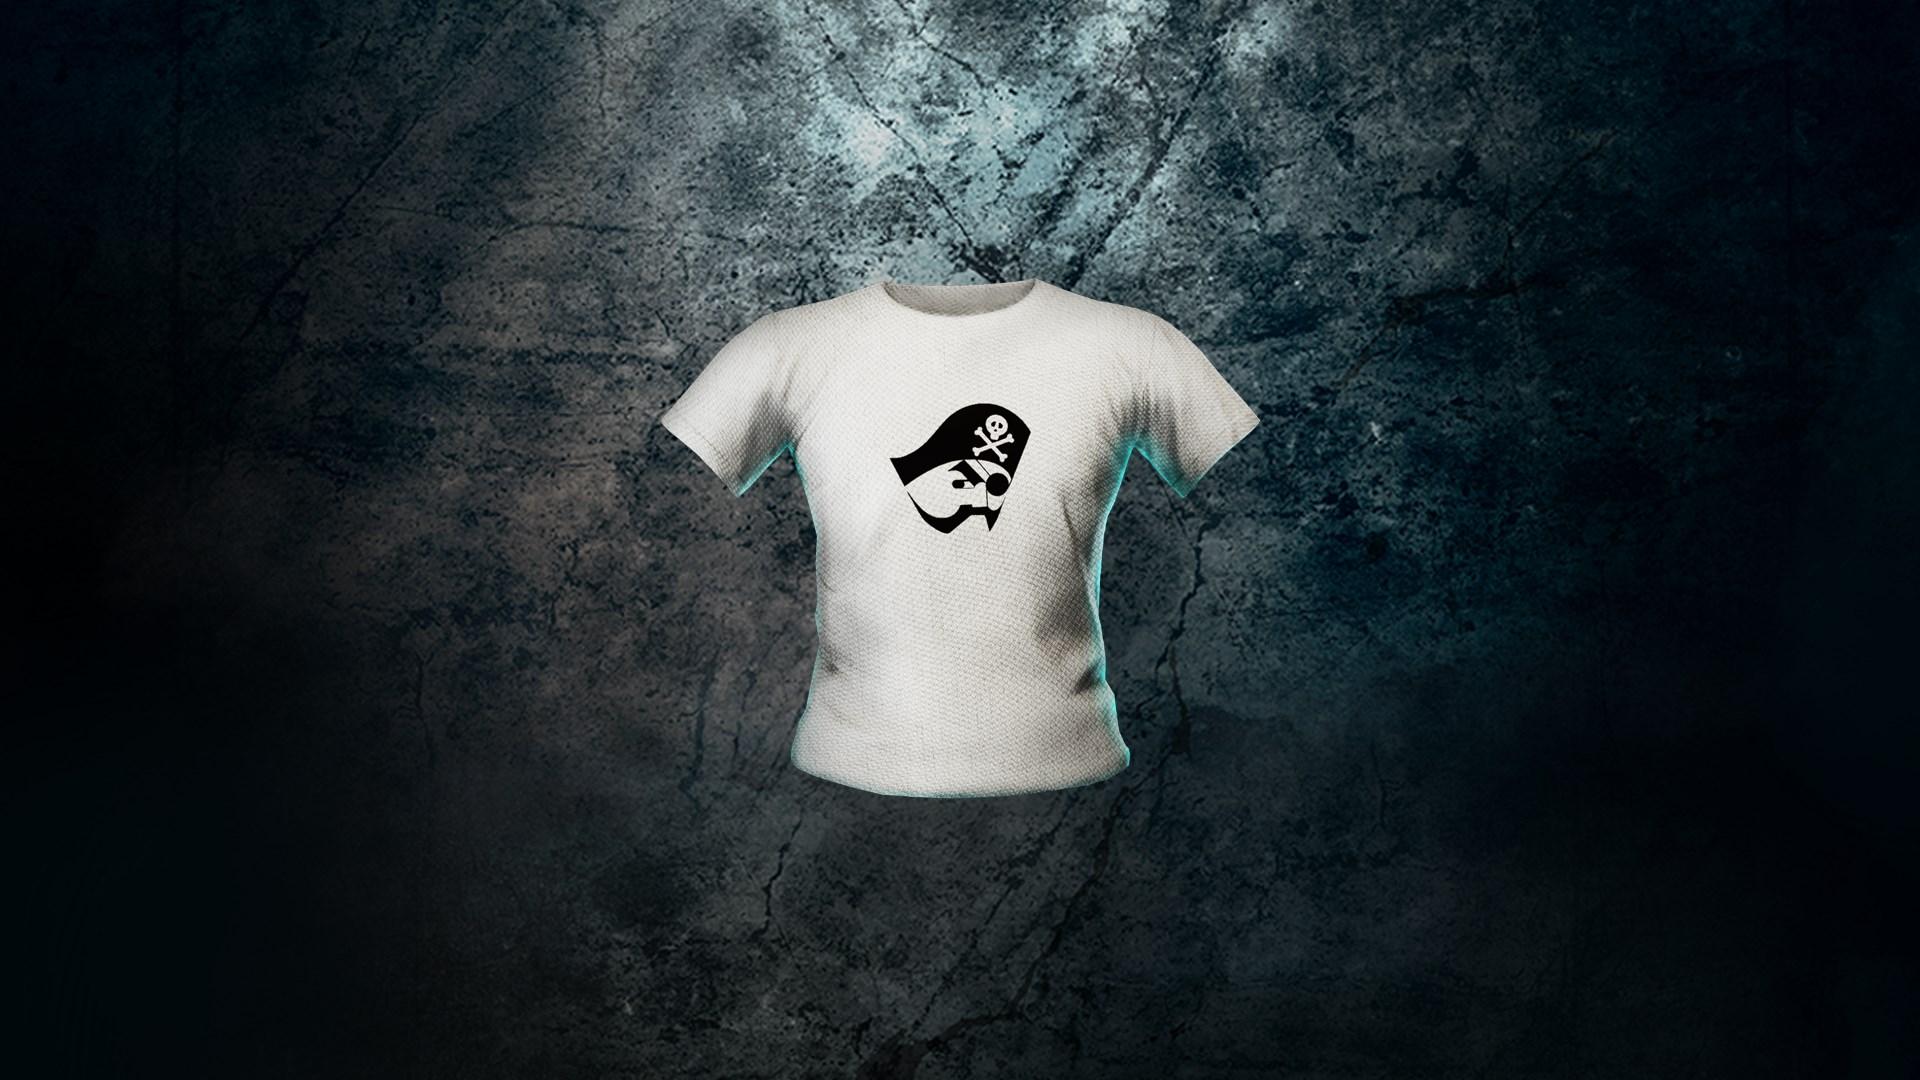 JUMP FORCE - camiseta con el logotipo pirata para tu avatar